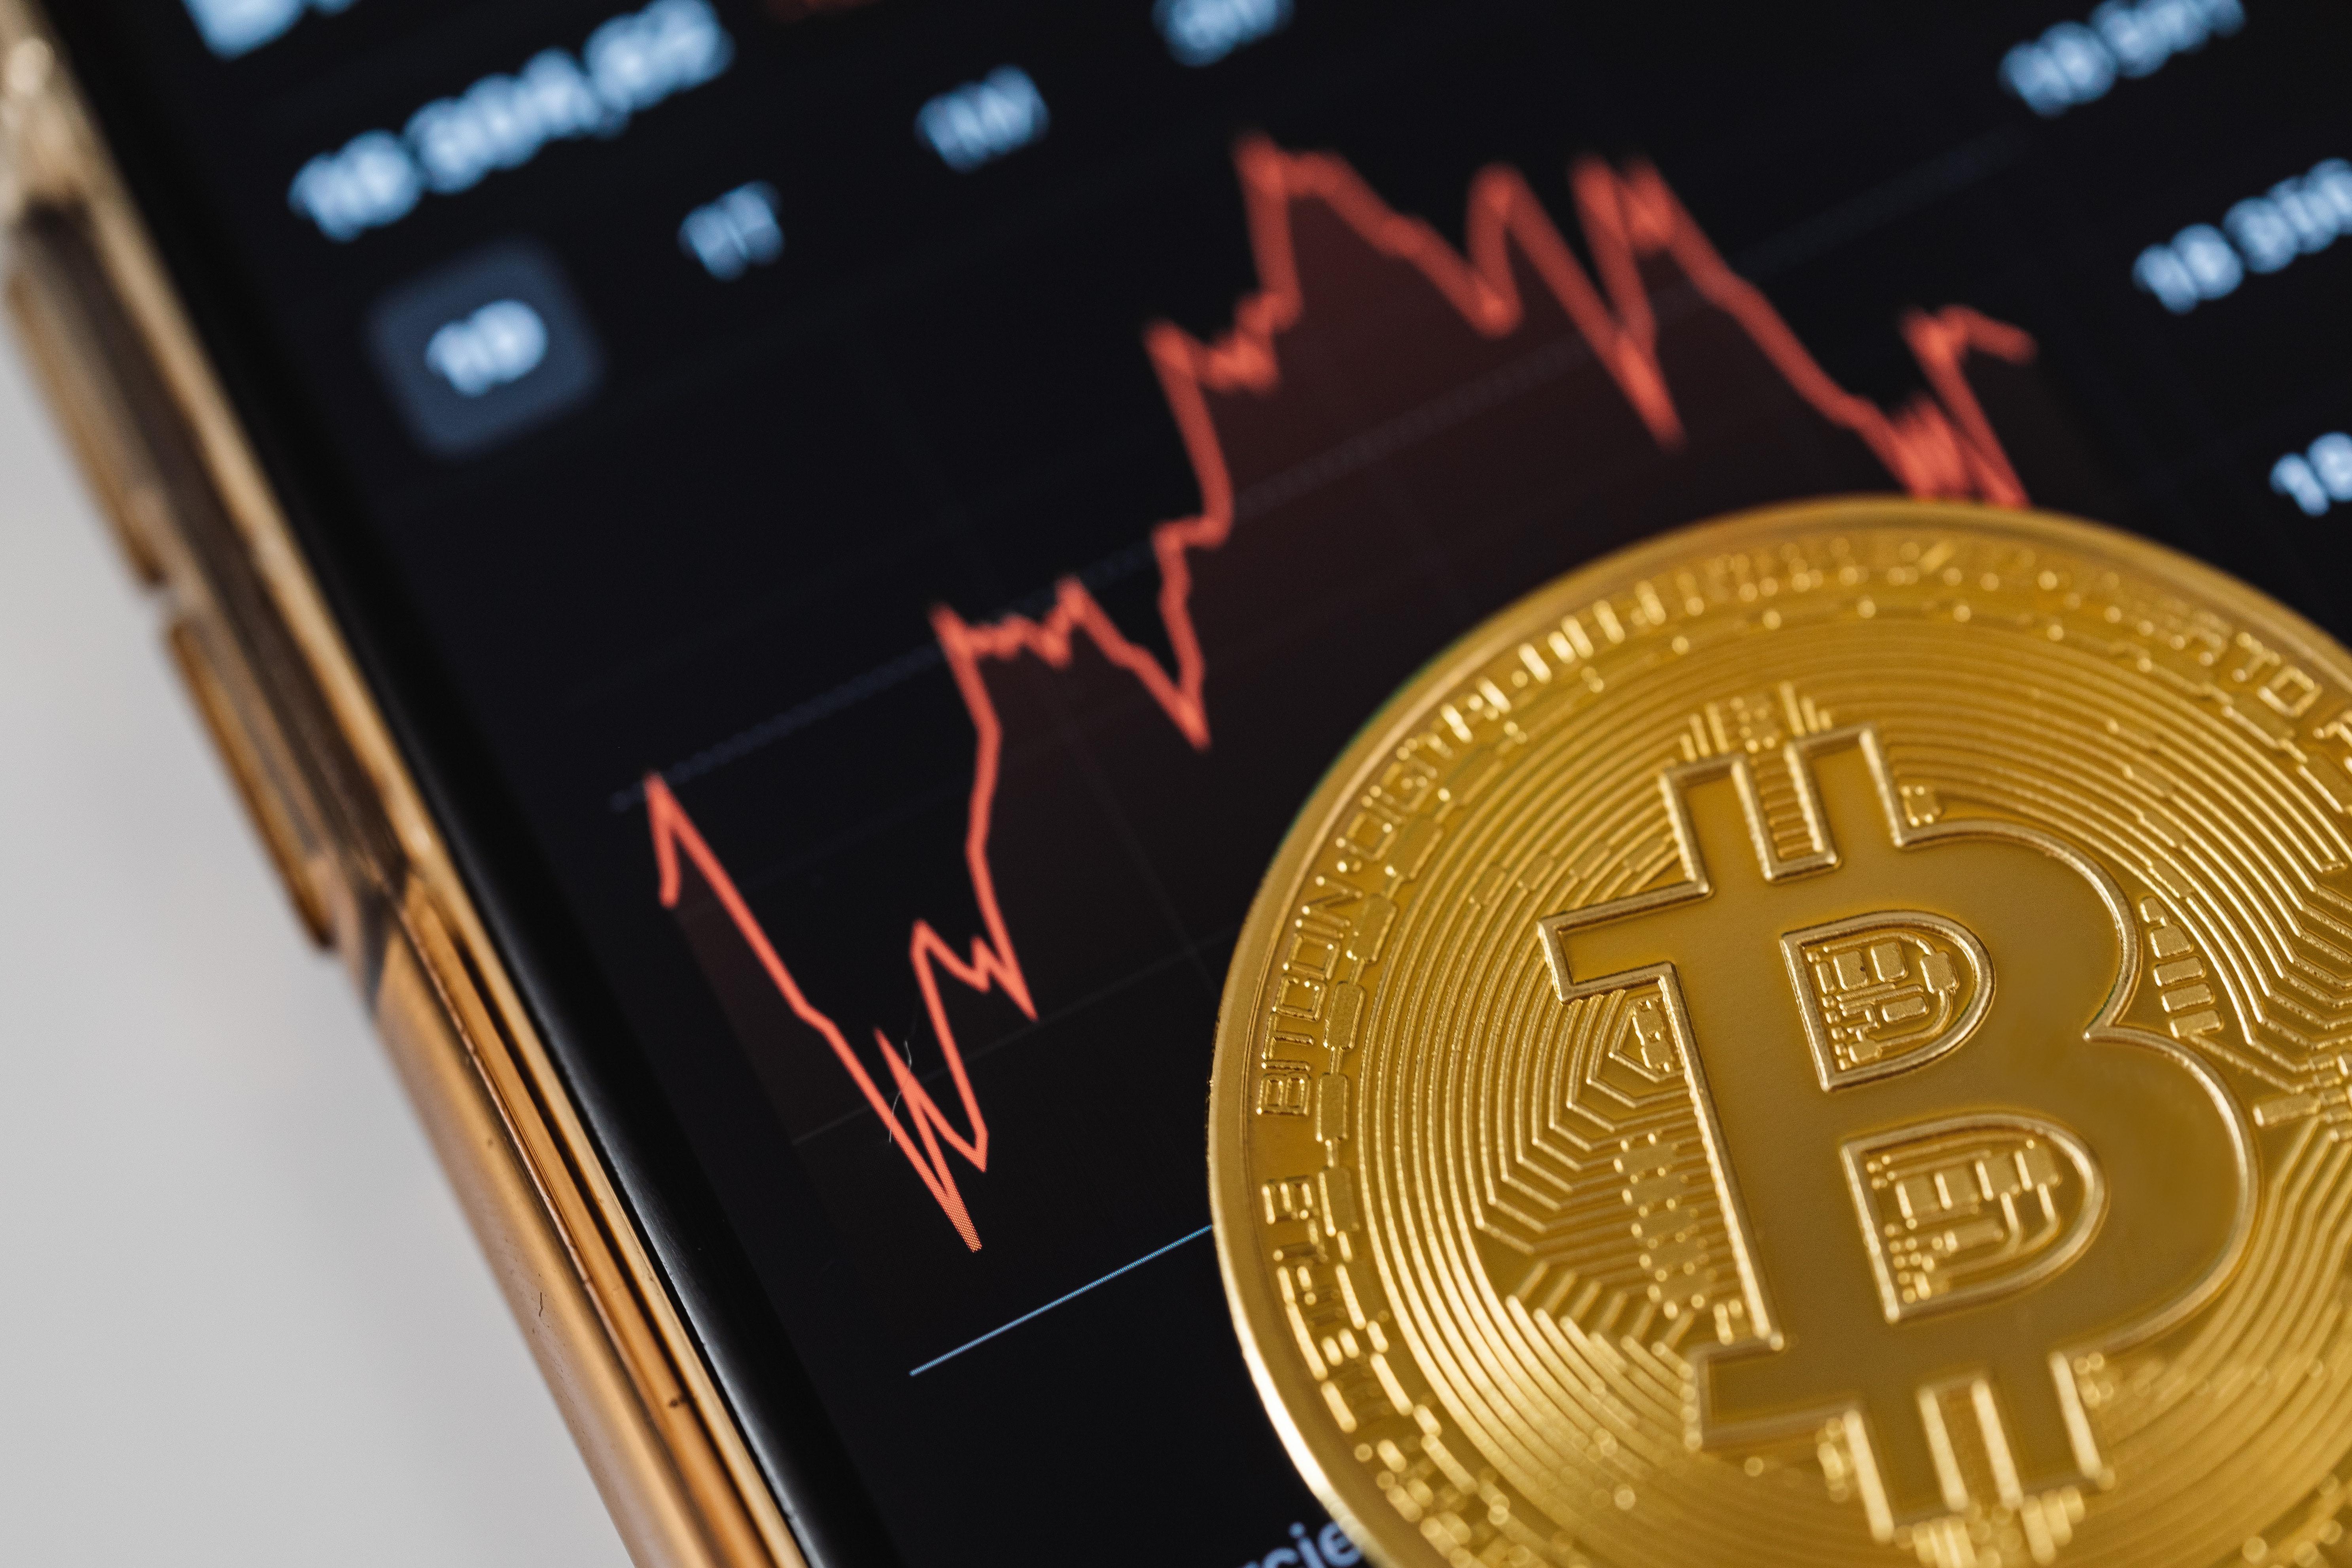 bitcoin come un dilemma etico